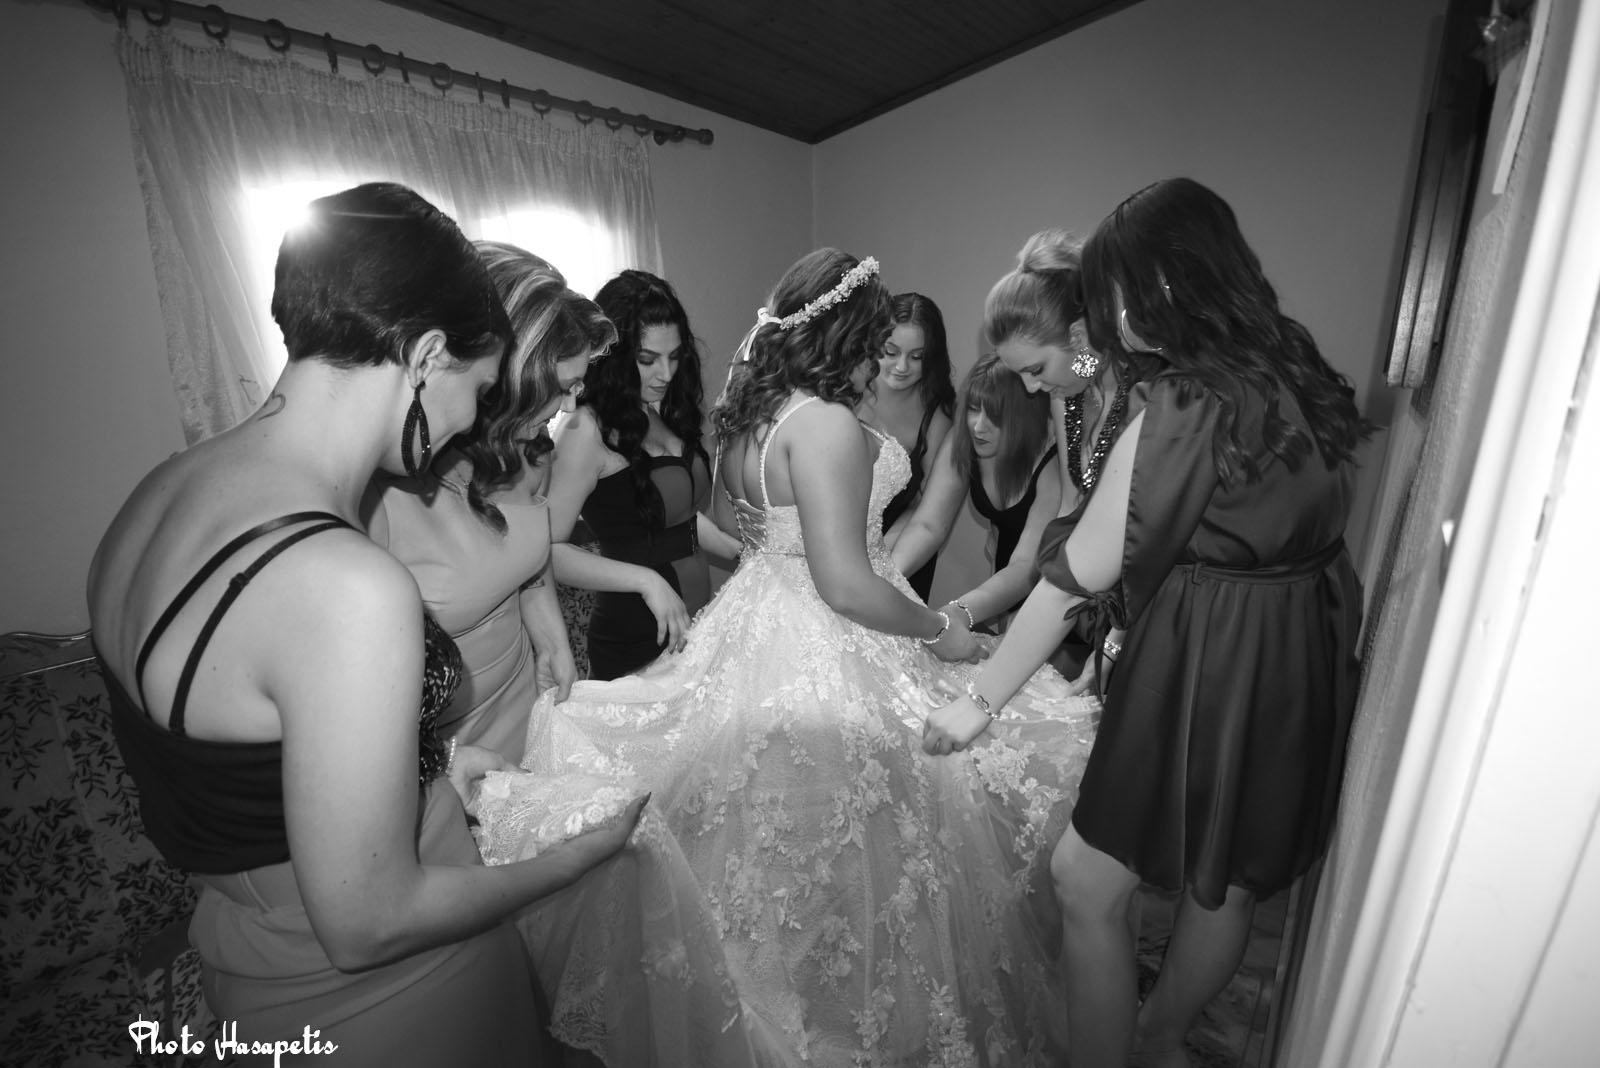 Φανταστικός γάμος στην Αλεξάνδρεια: Ο γαμπρός πήγε στην εκκλησία με νταλίκα και η νύφη με λεωφορείο!